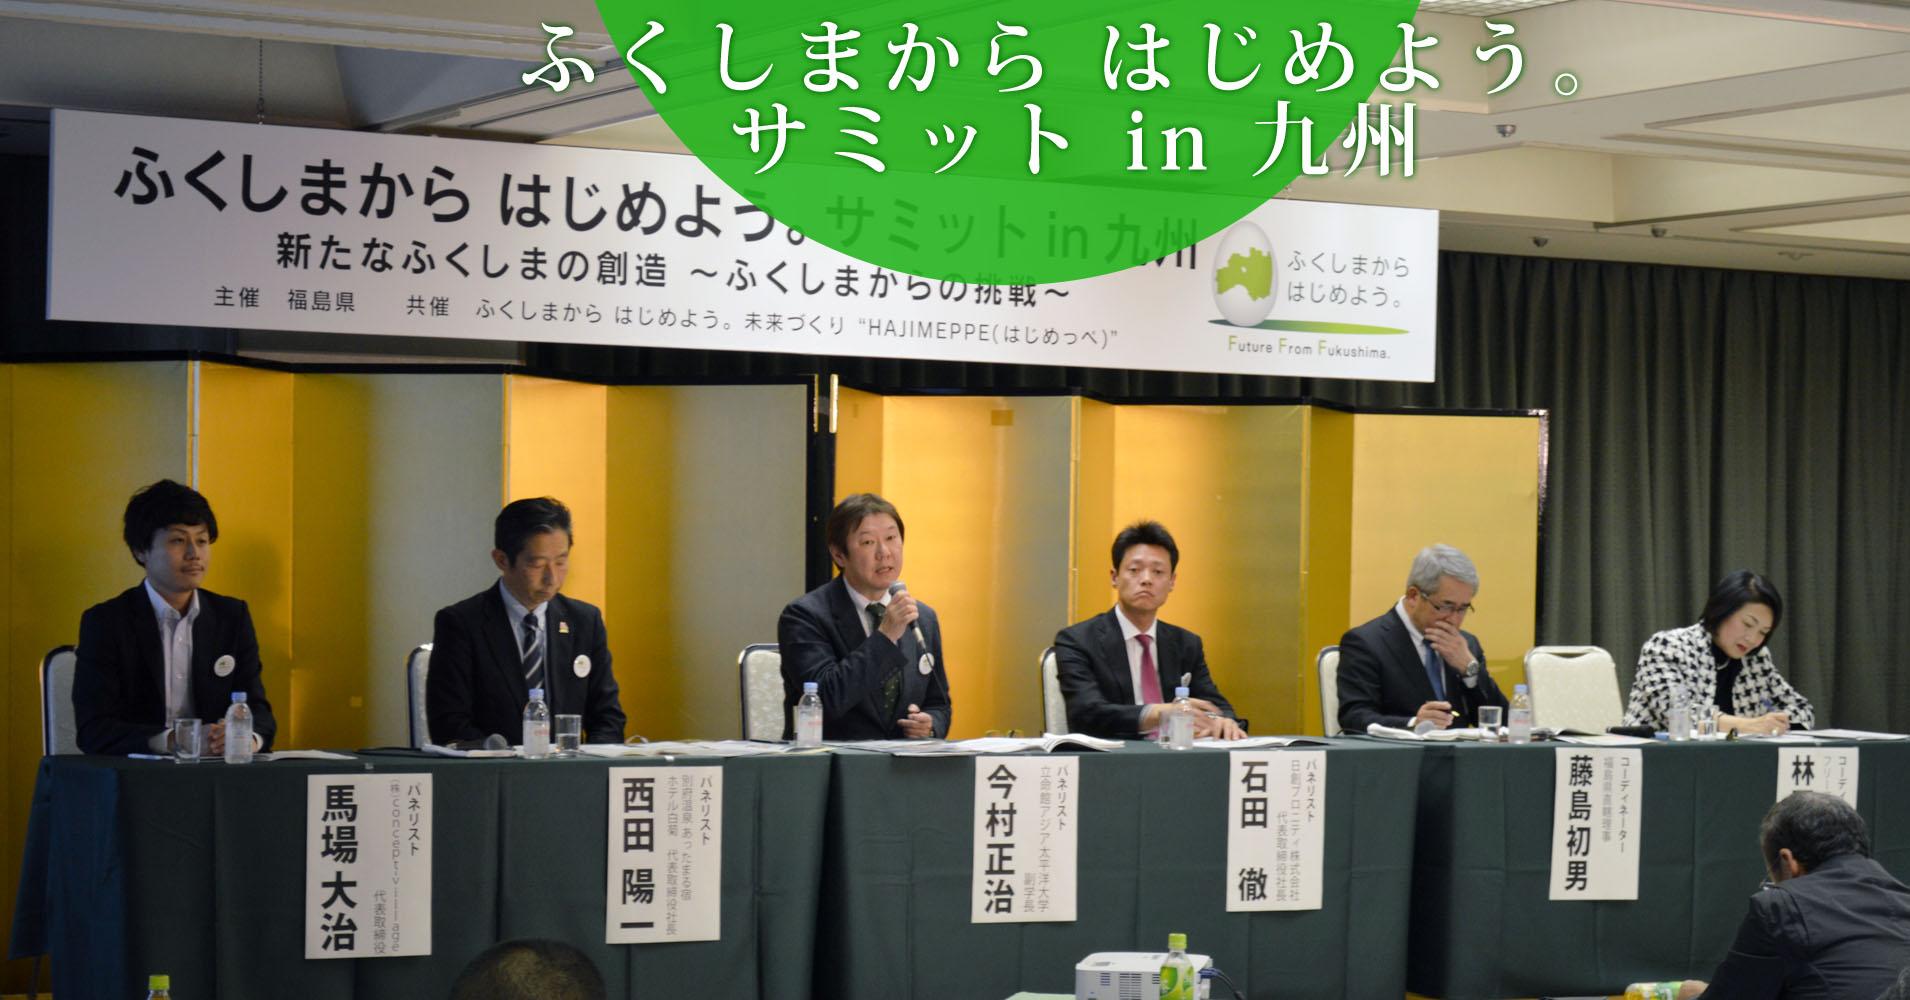 ふくしまに想いを寄せる九州の企業・団体が「ふくしまとチャレンジできること・していること」 【前編】